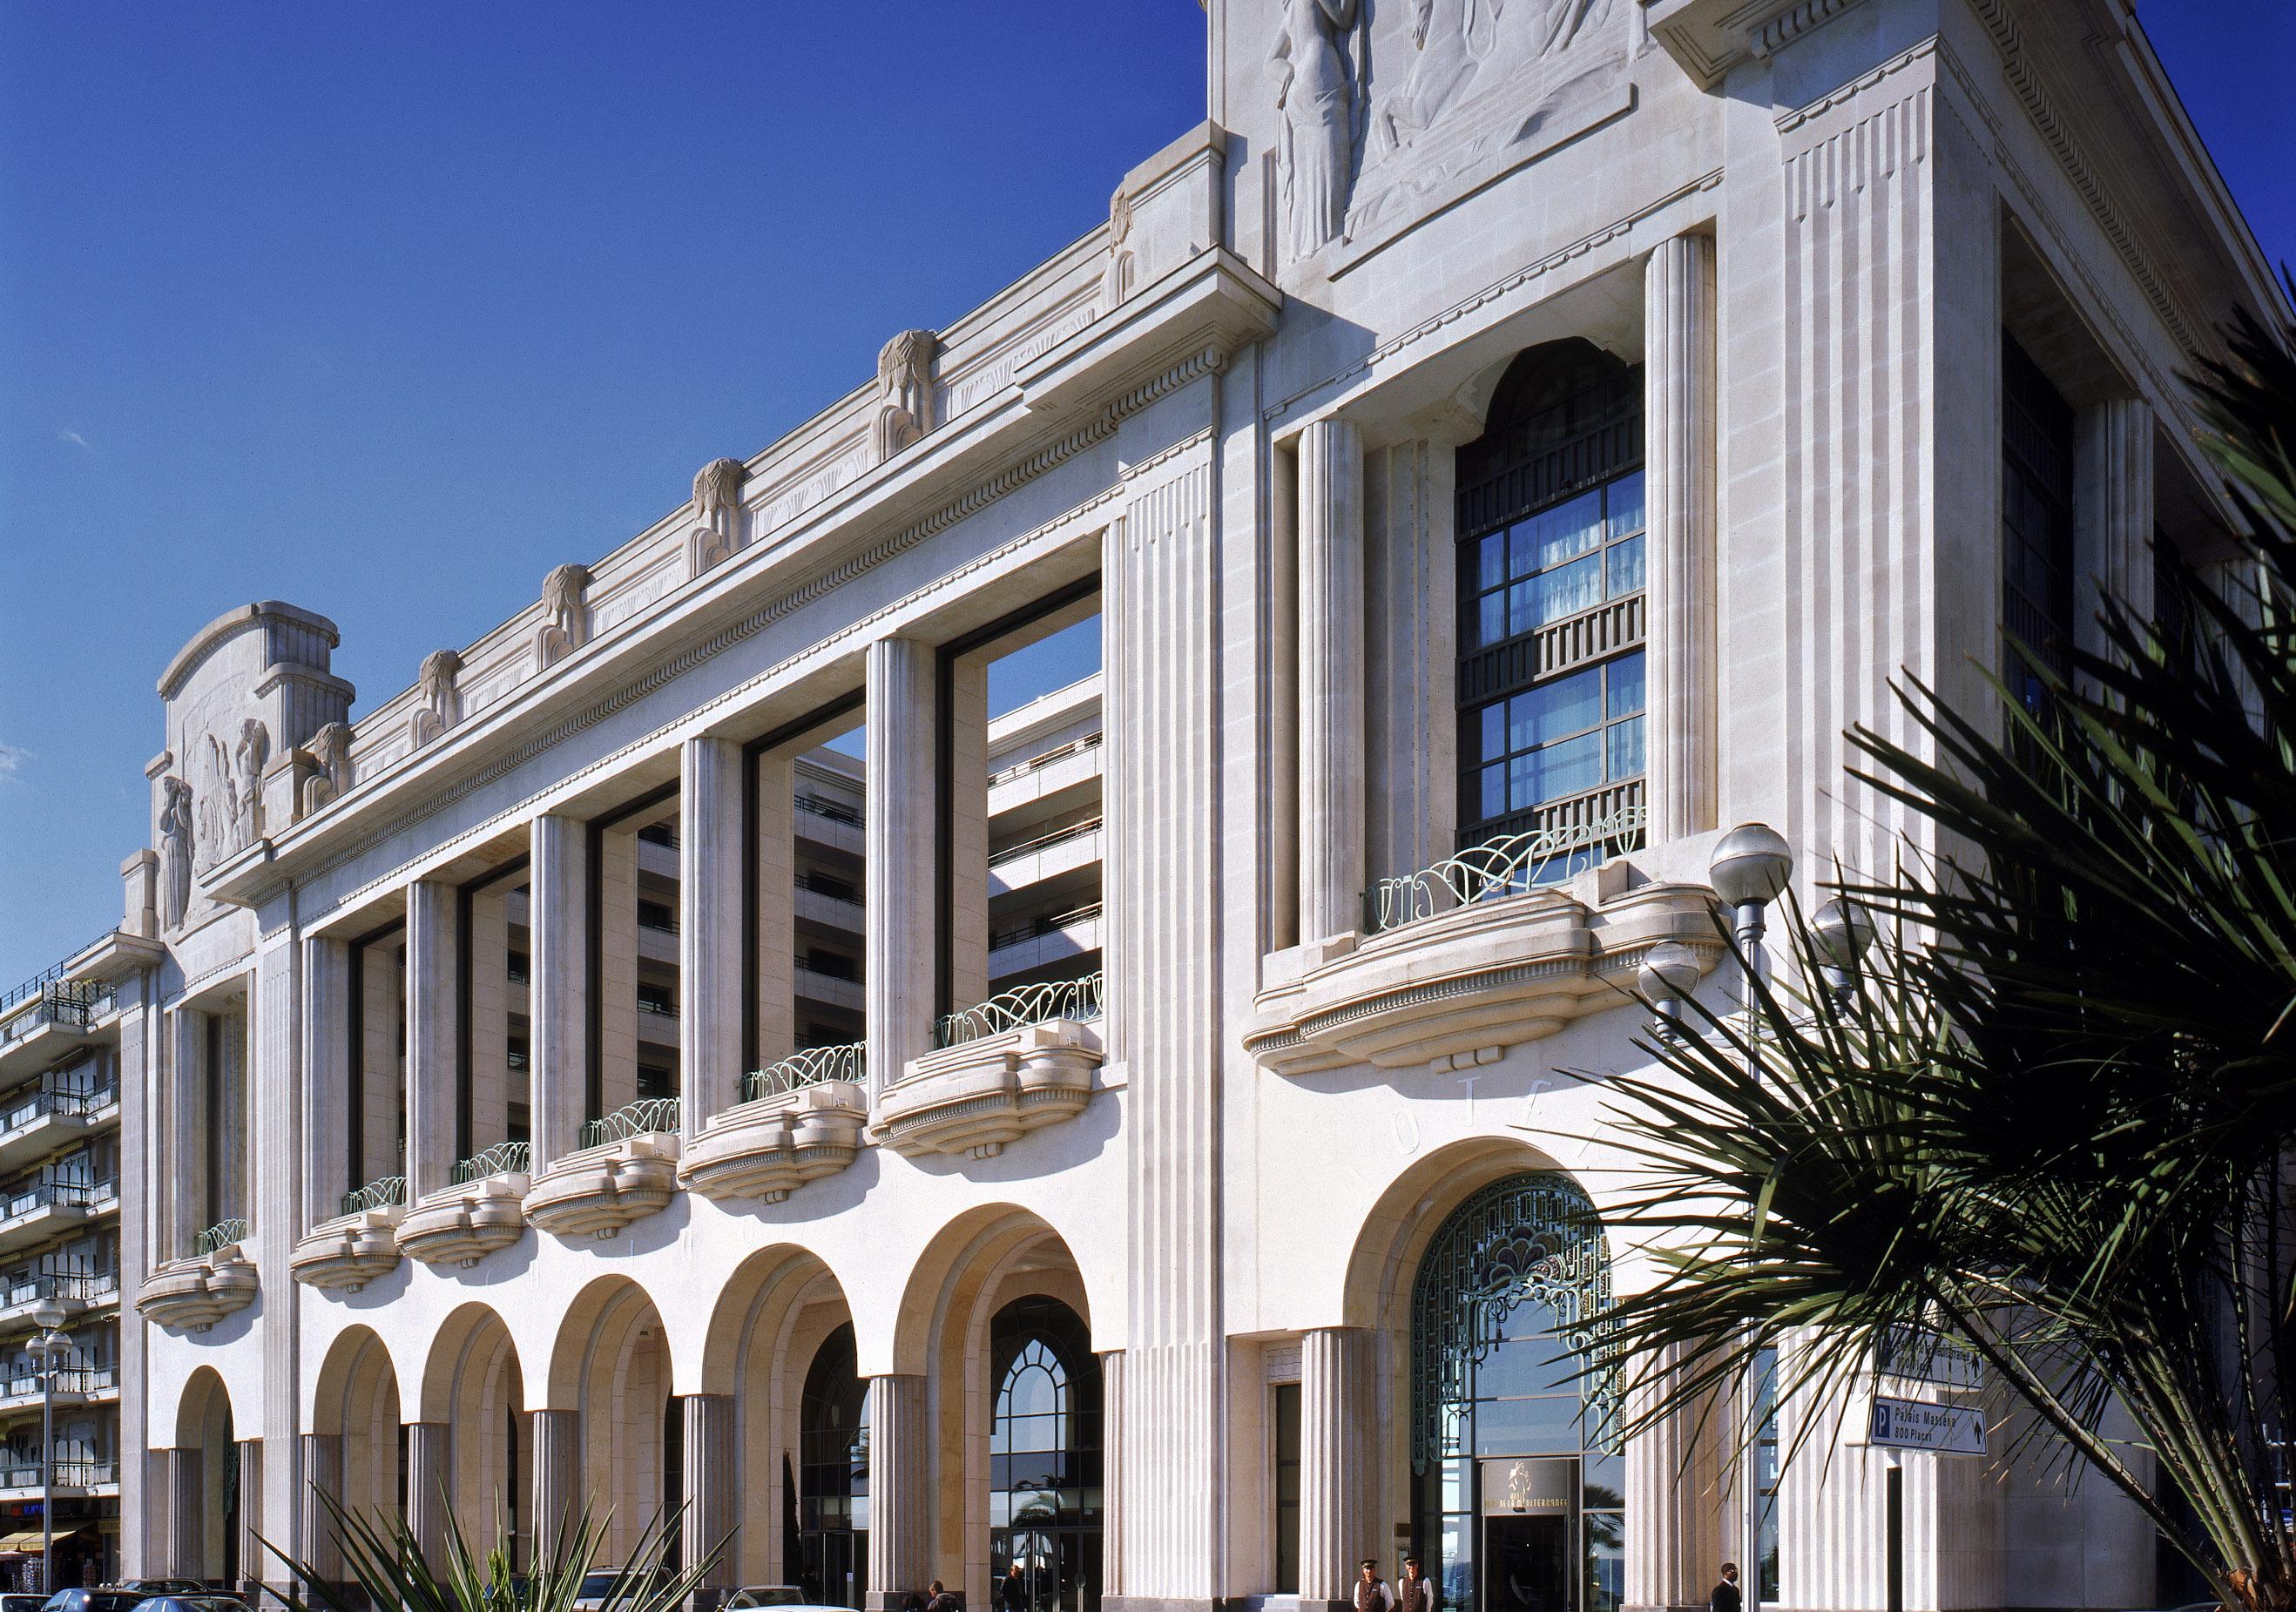 Visite du palais de la m diterran e un h tel 100 for Hotels 2 etoiles nice